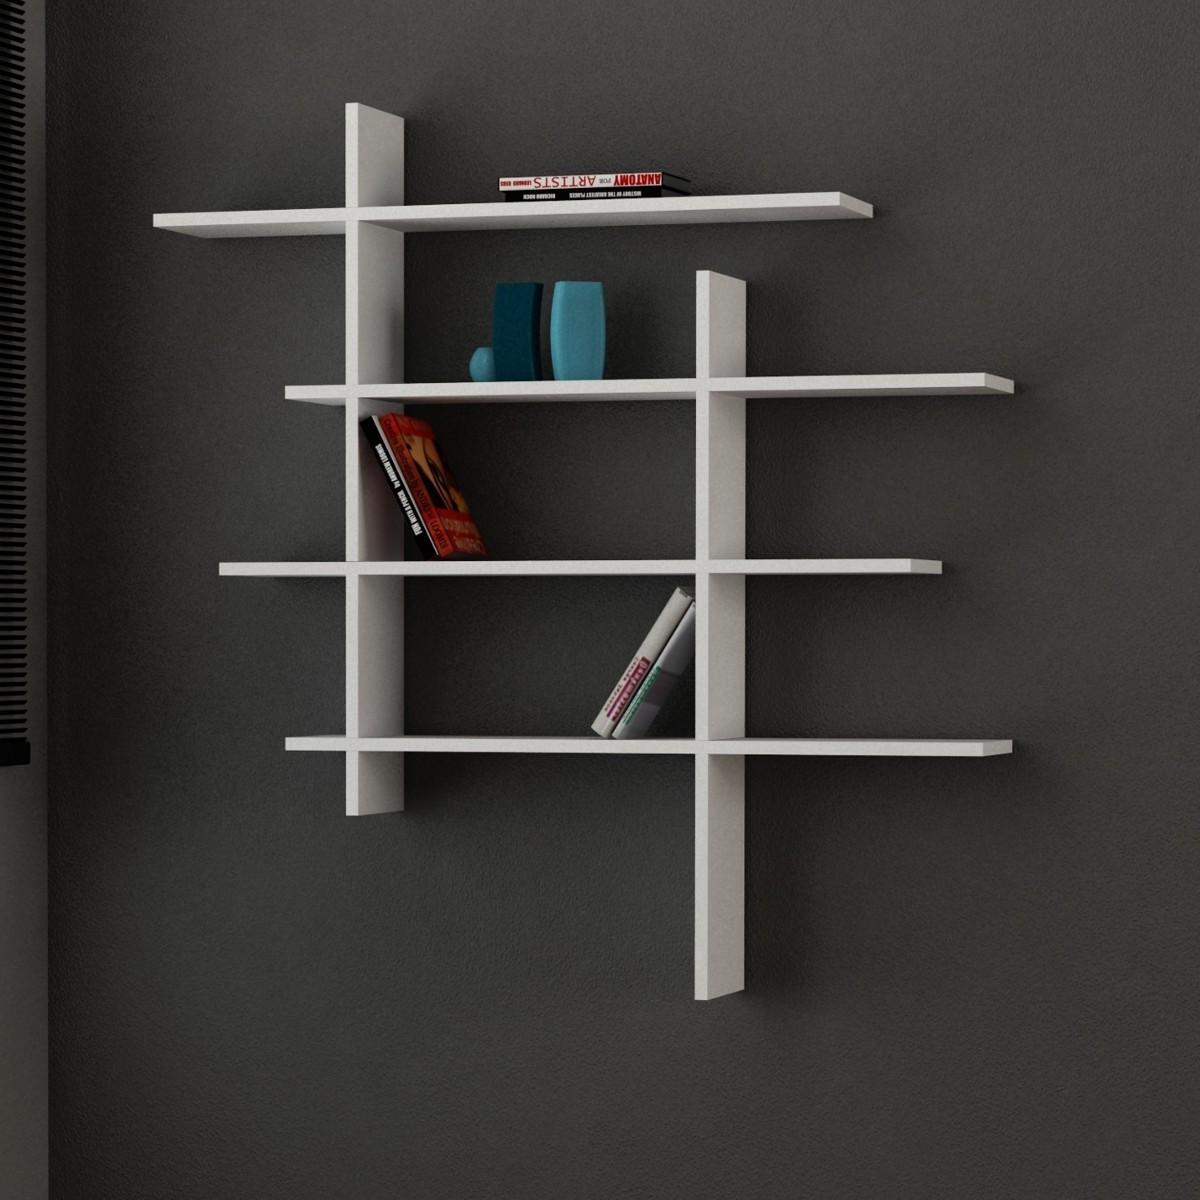 Standup mensola libreria moderna a muro in legno 115 x 115 cm for Librerie moderne economiche